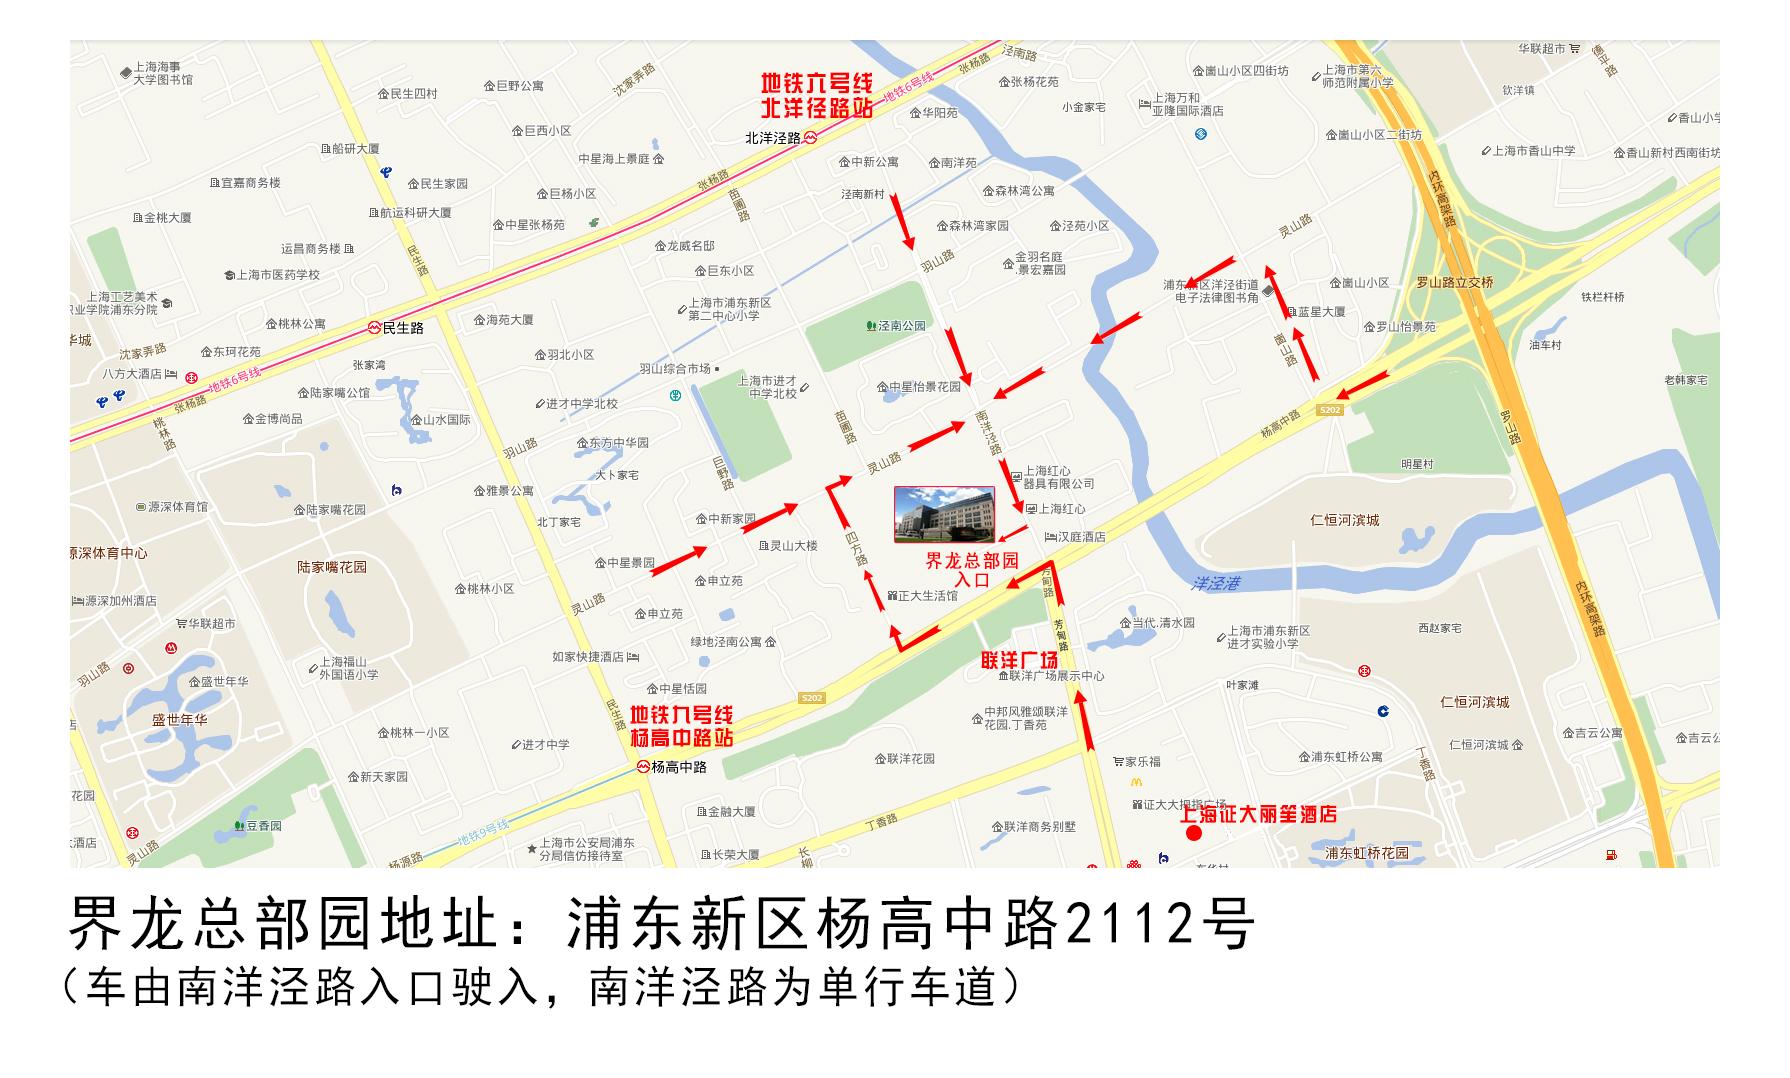 上海交通路线图